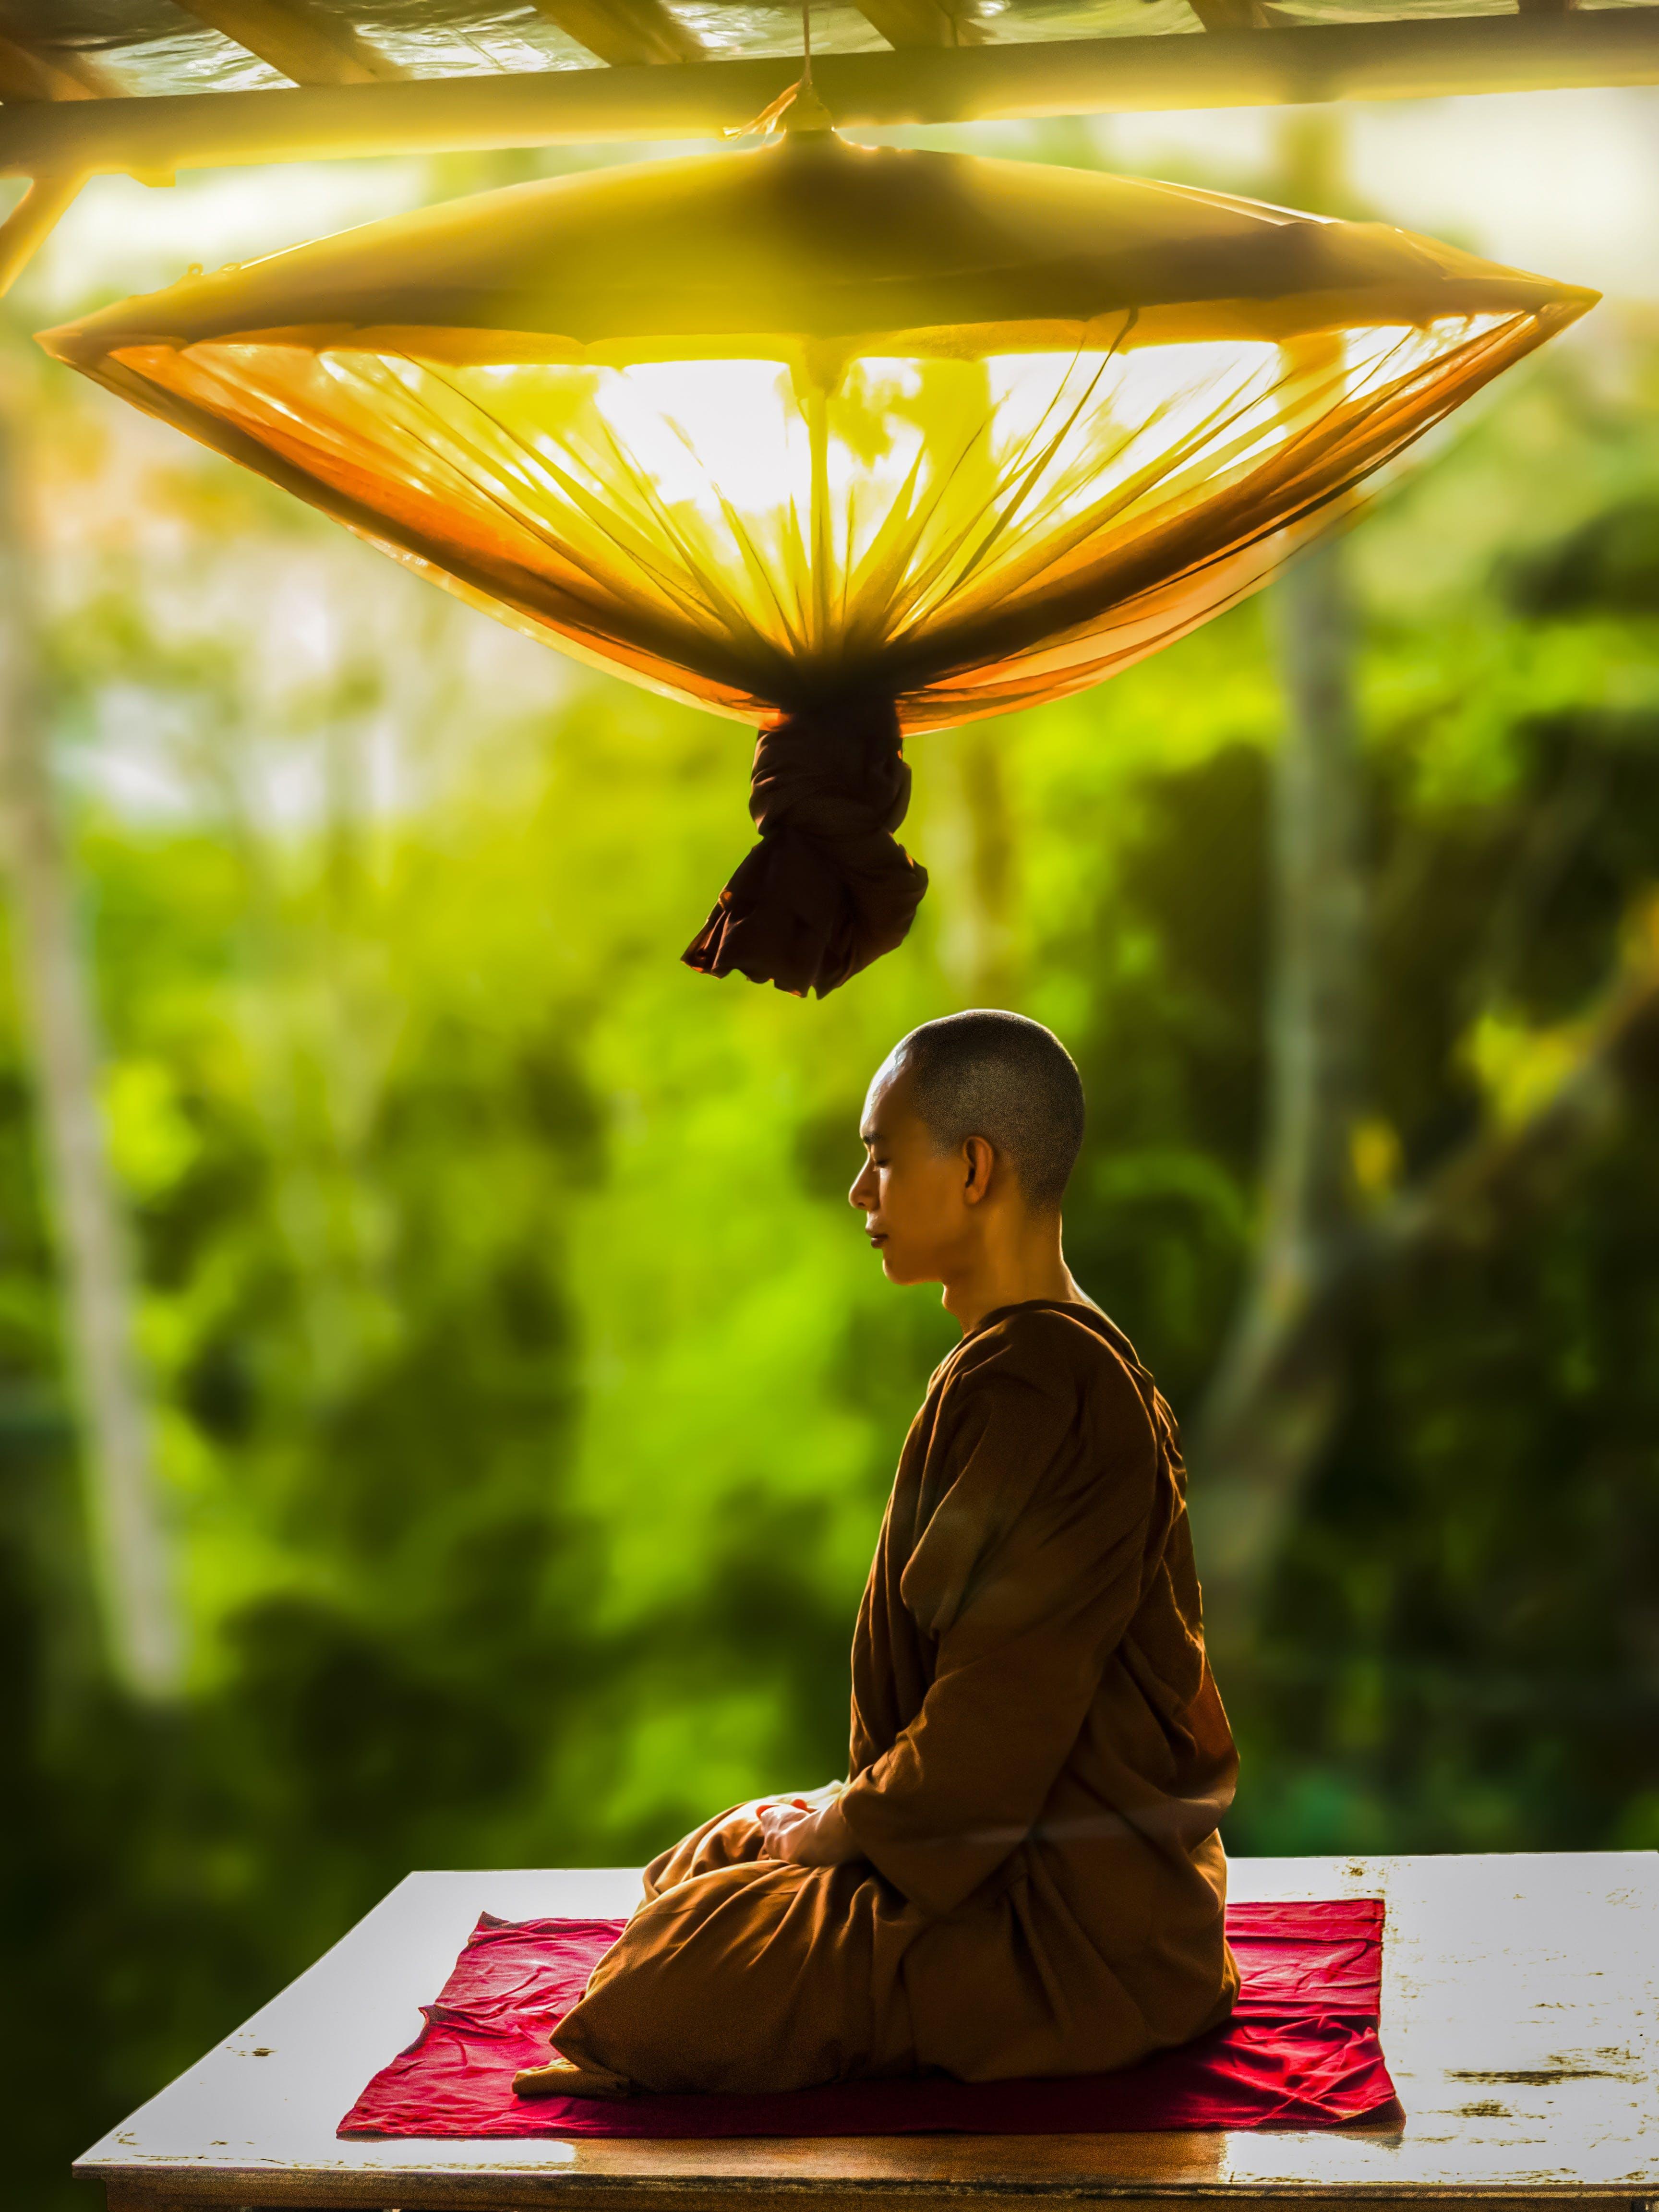 Kostenloses Stock Foto zu anbetung, asiatisch, buddhismus, chillen